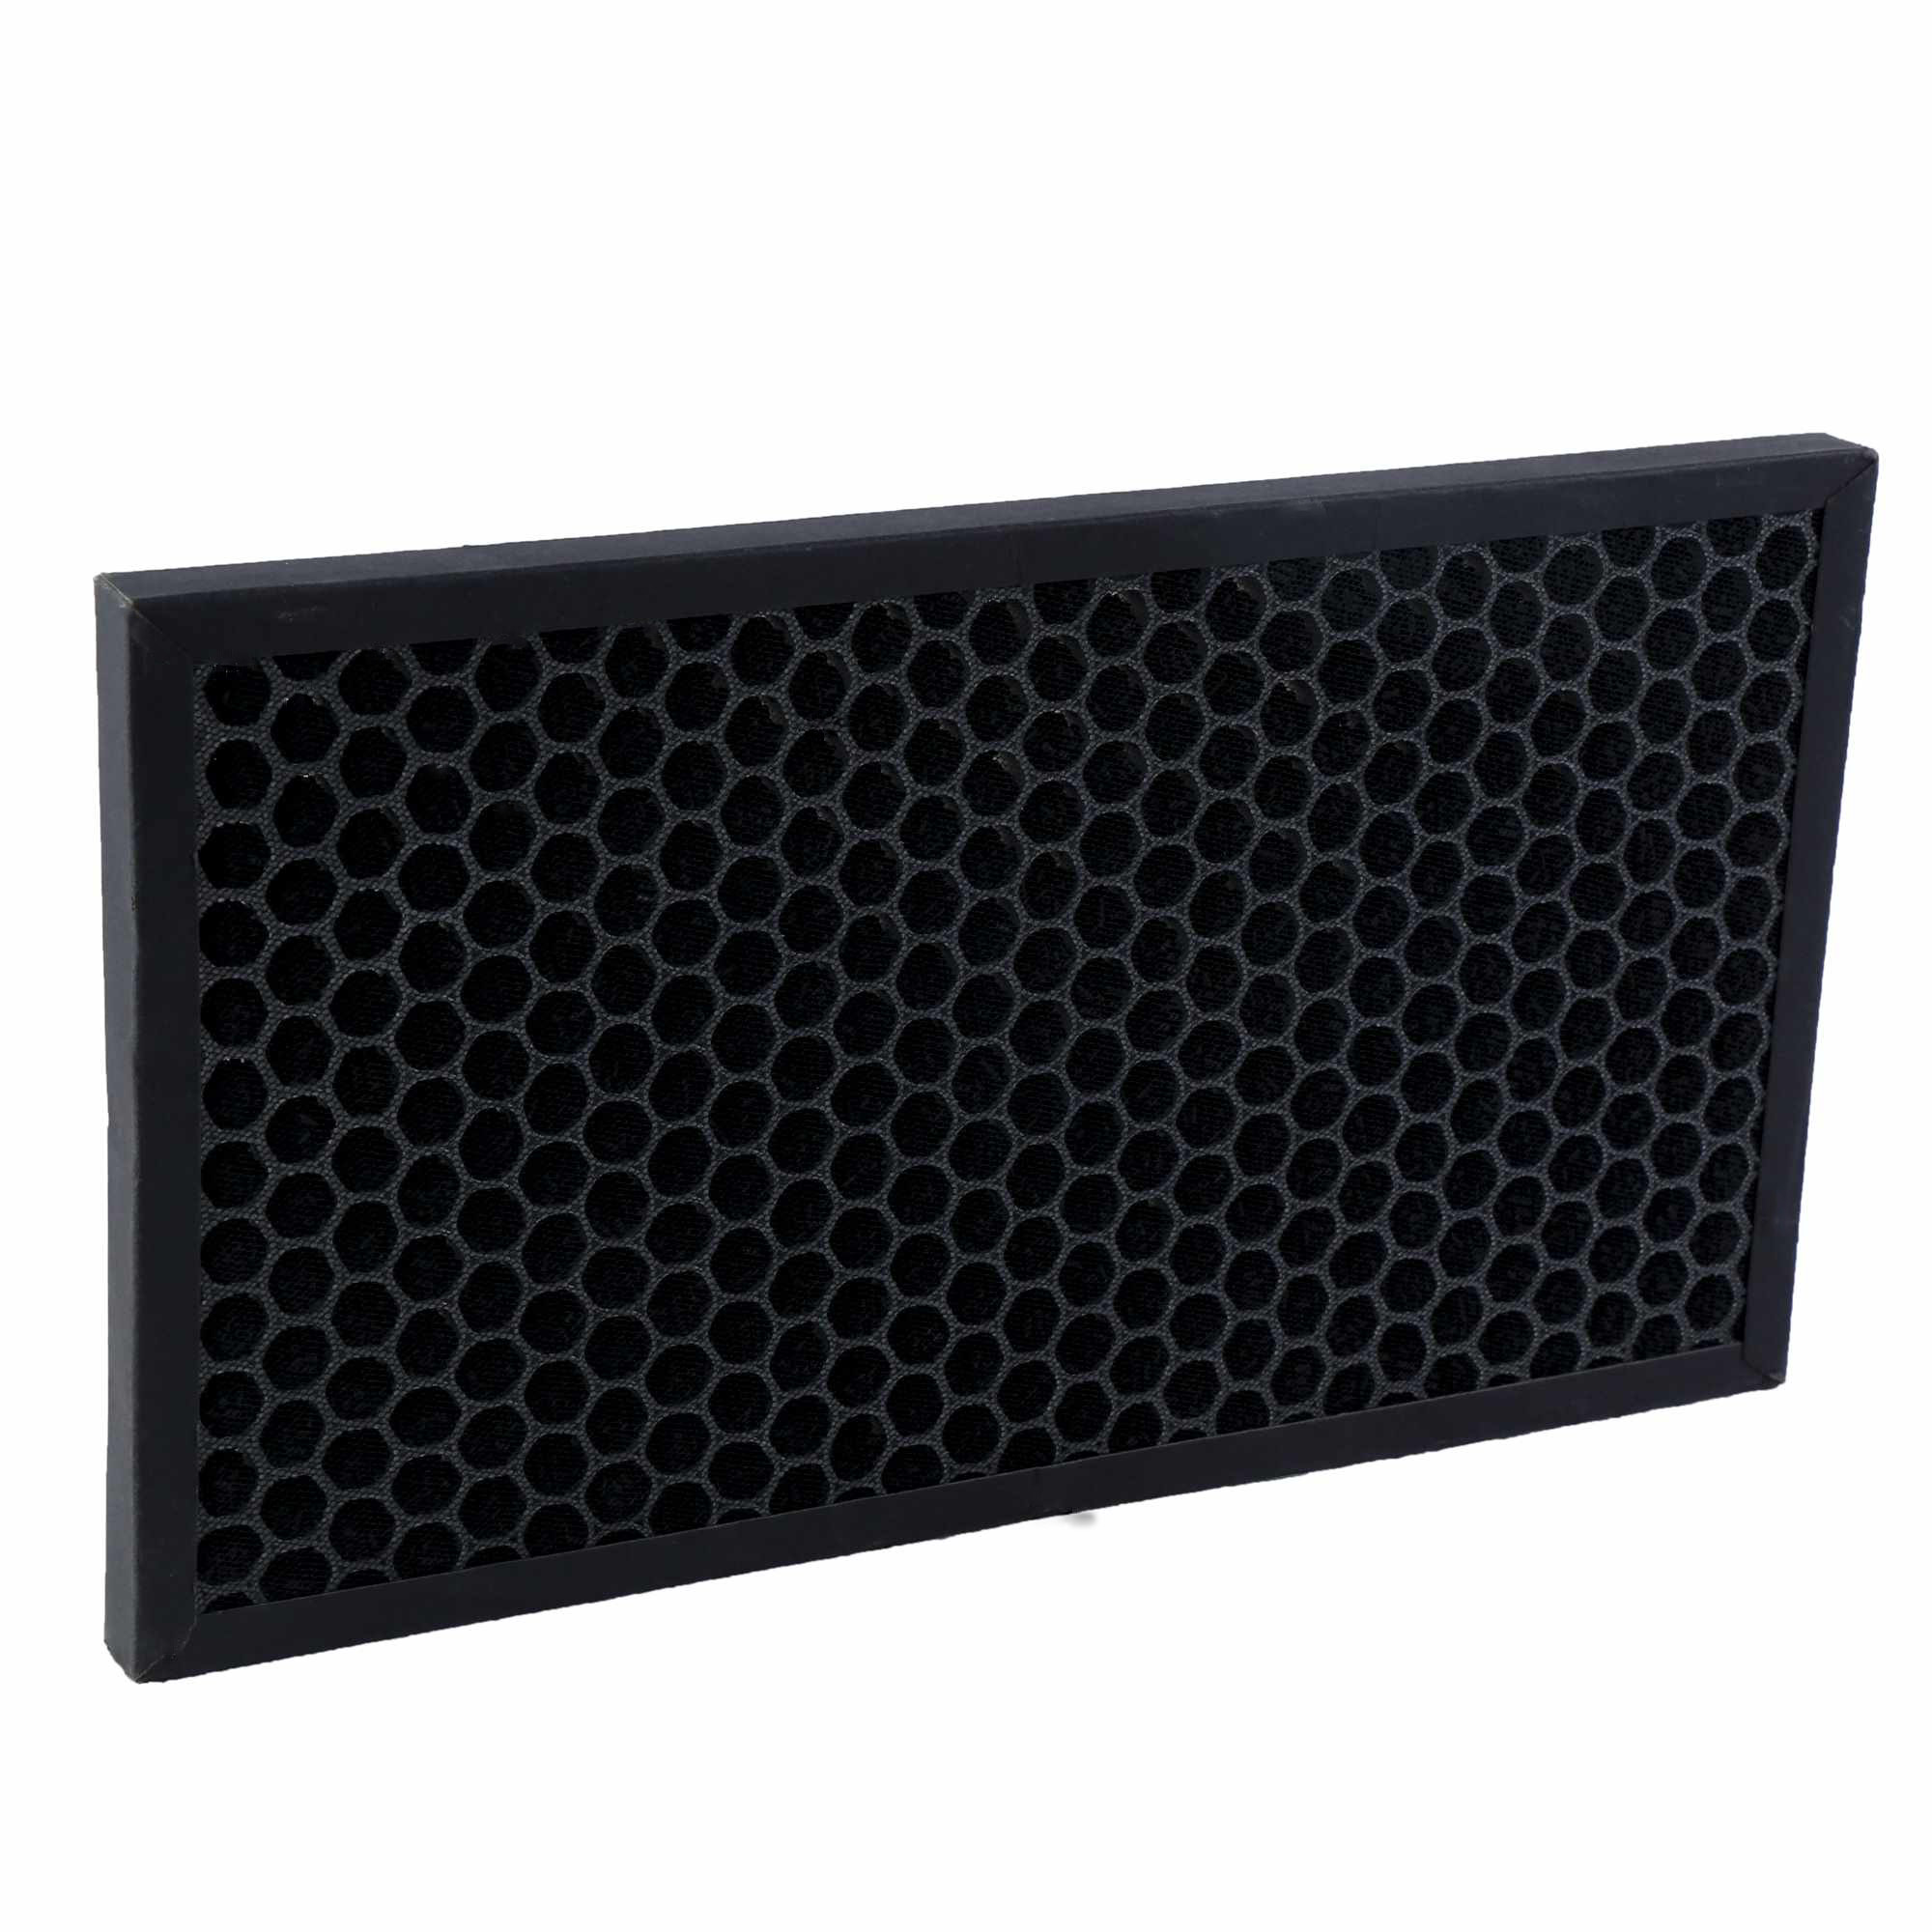 九龙坡空调箱纸框滤网 工厂 重庆新佳合净化科技供应